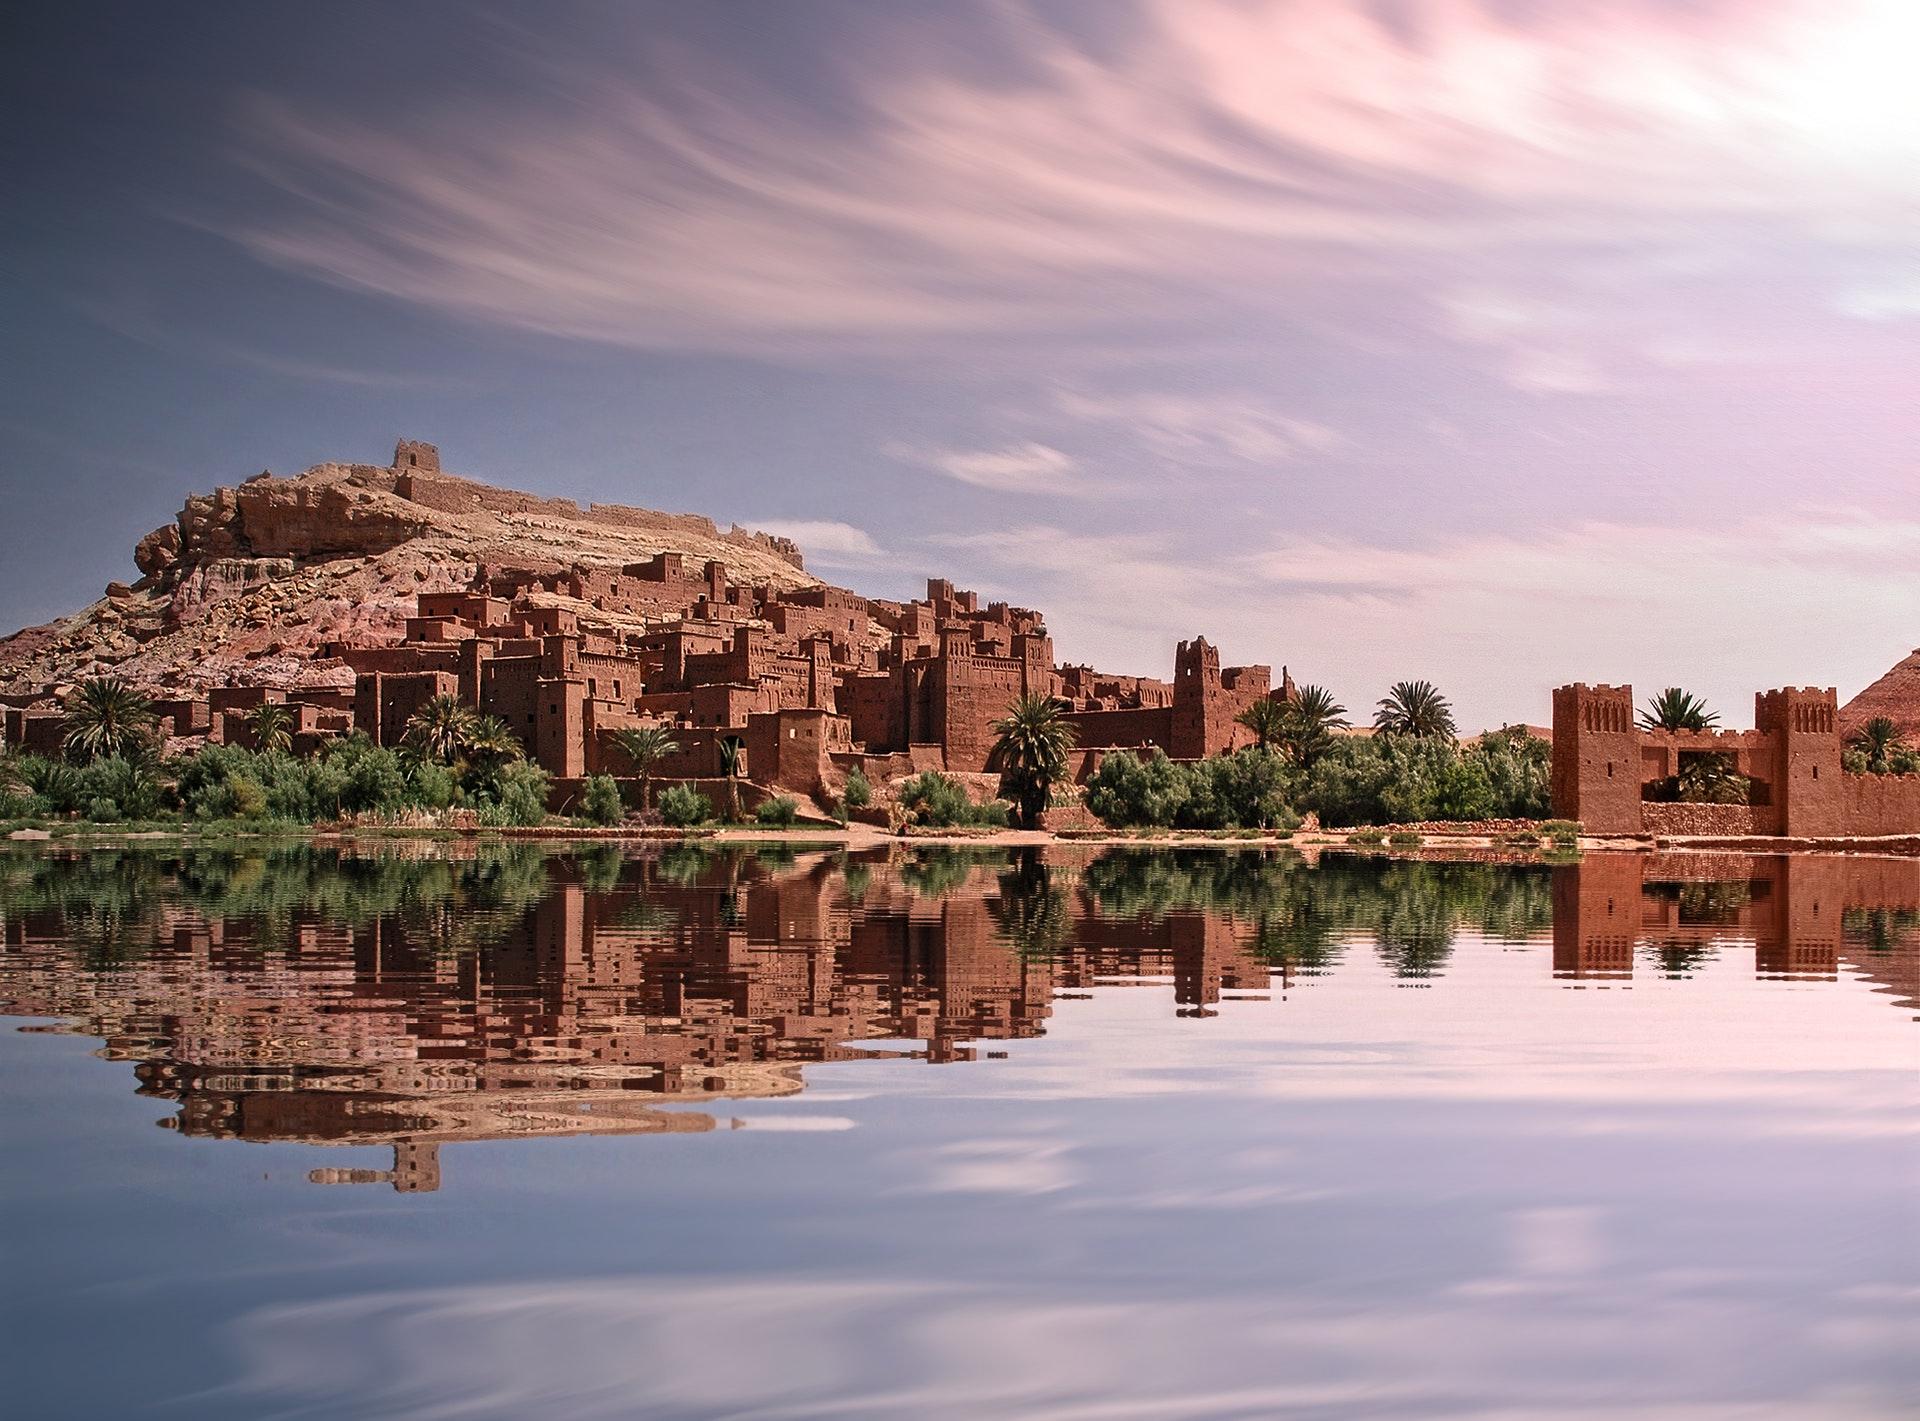 טיול מאורגן למרוקו  לשומרי מסורת | 12 ימים